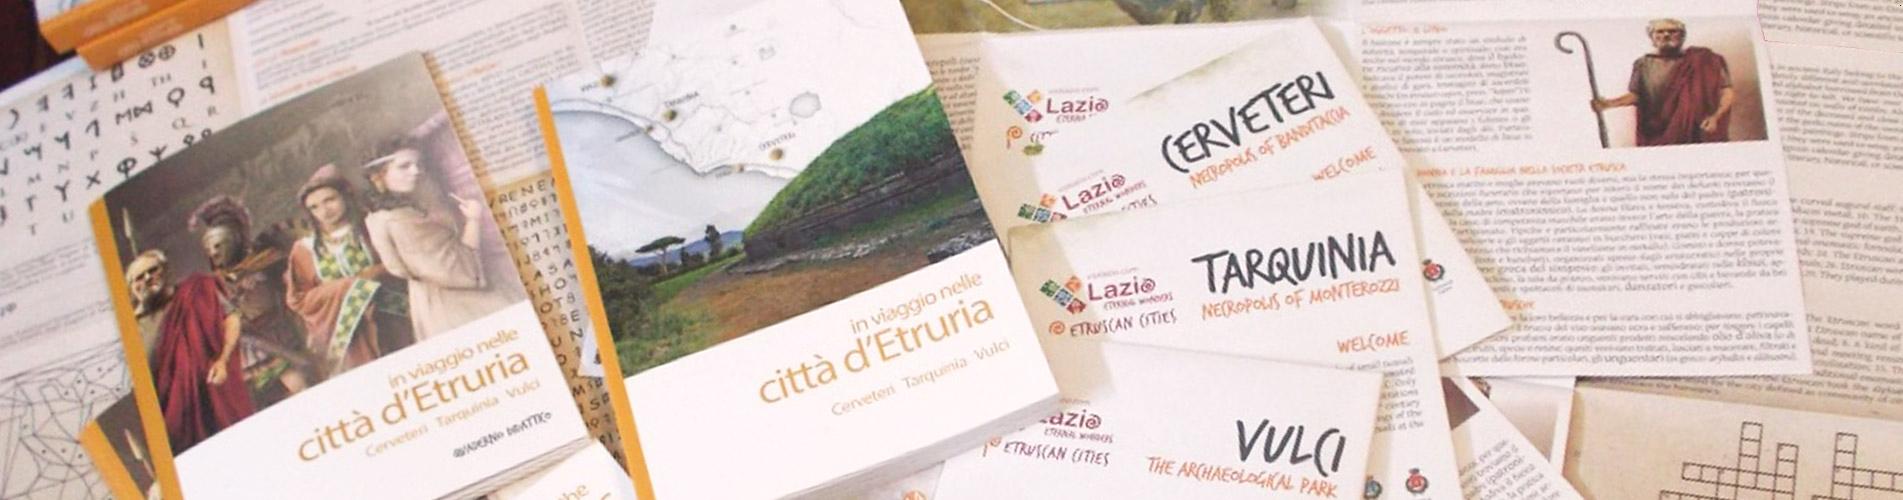 Tarquinia – Presentazione città d'Etruria